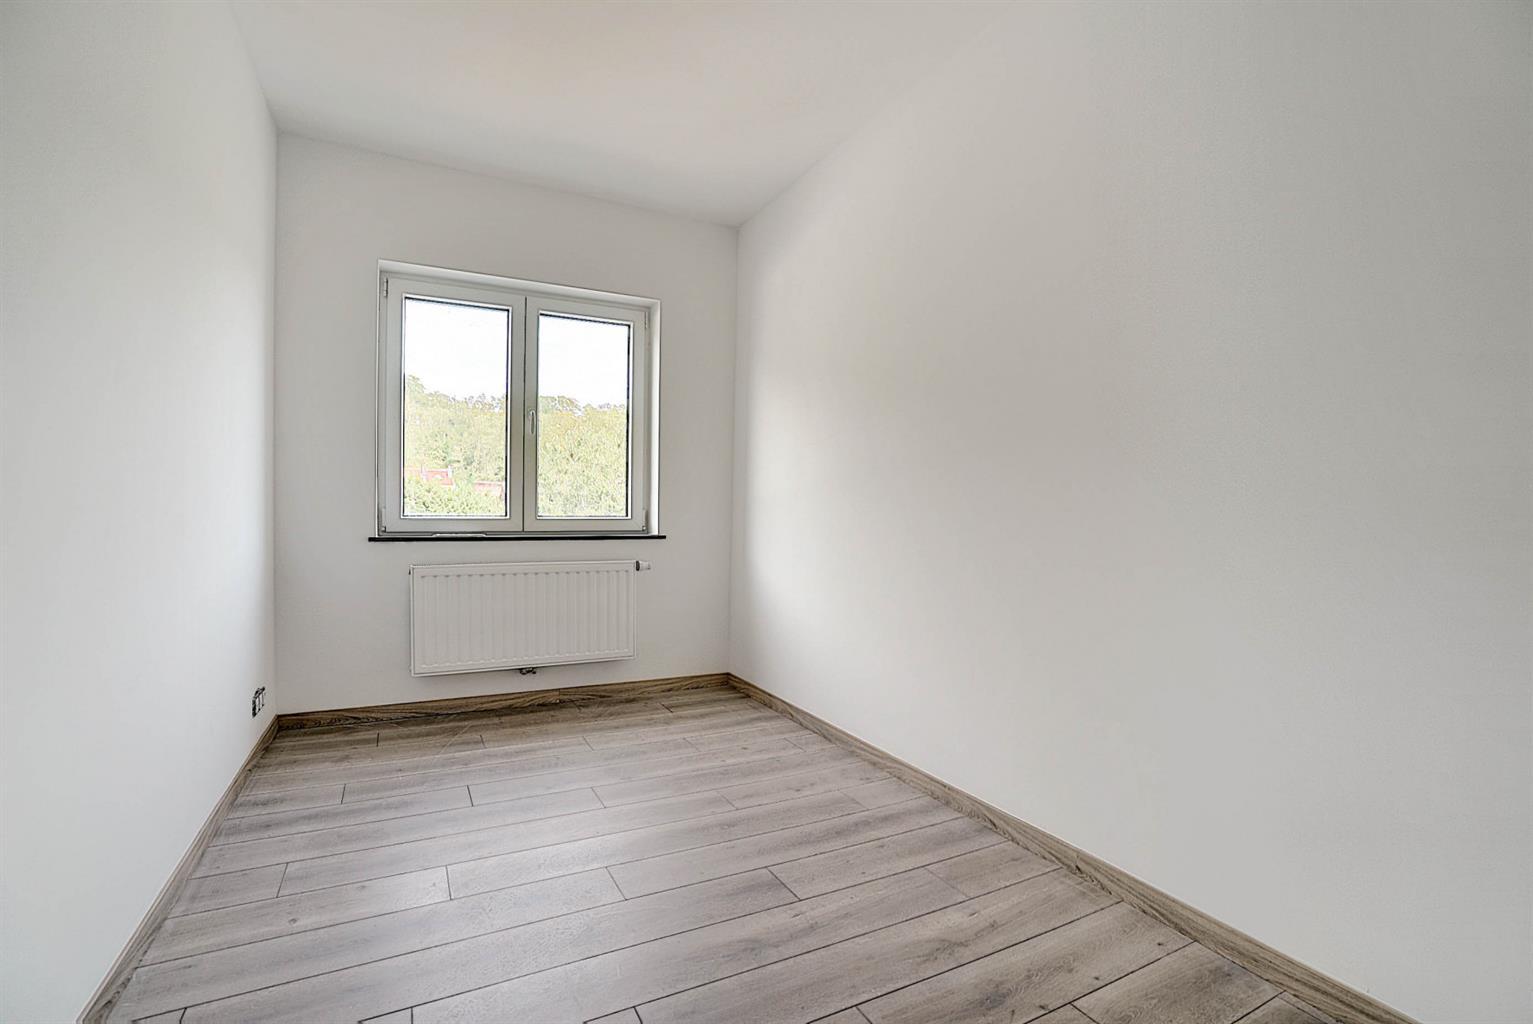 Appartement - Herstal - #4148218-9